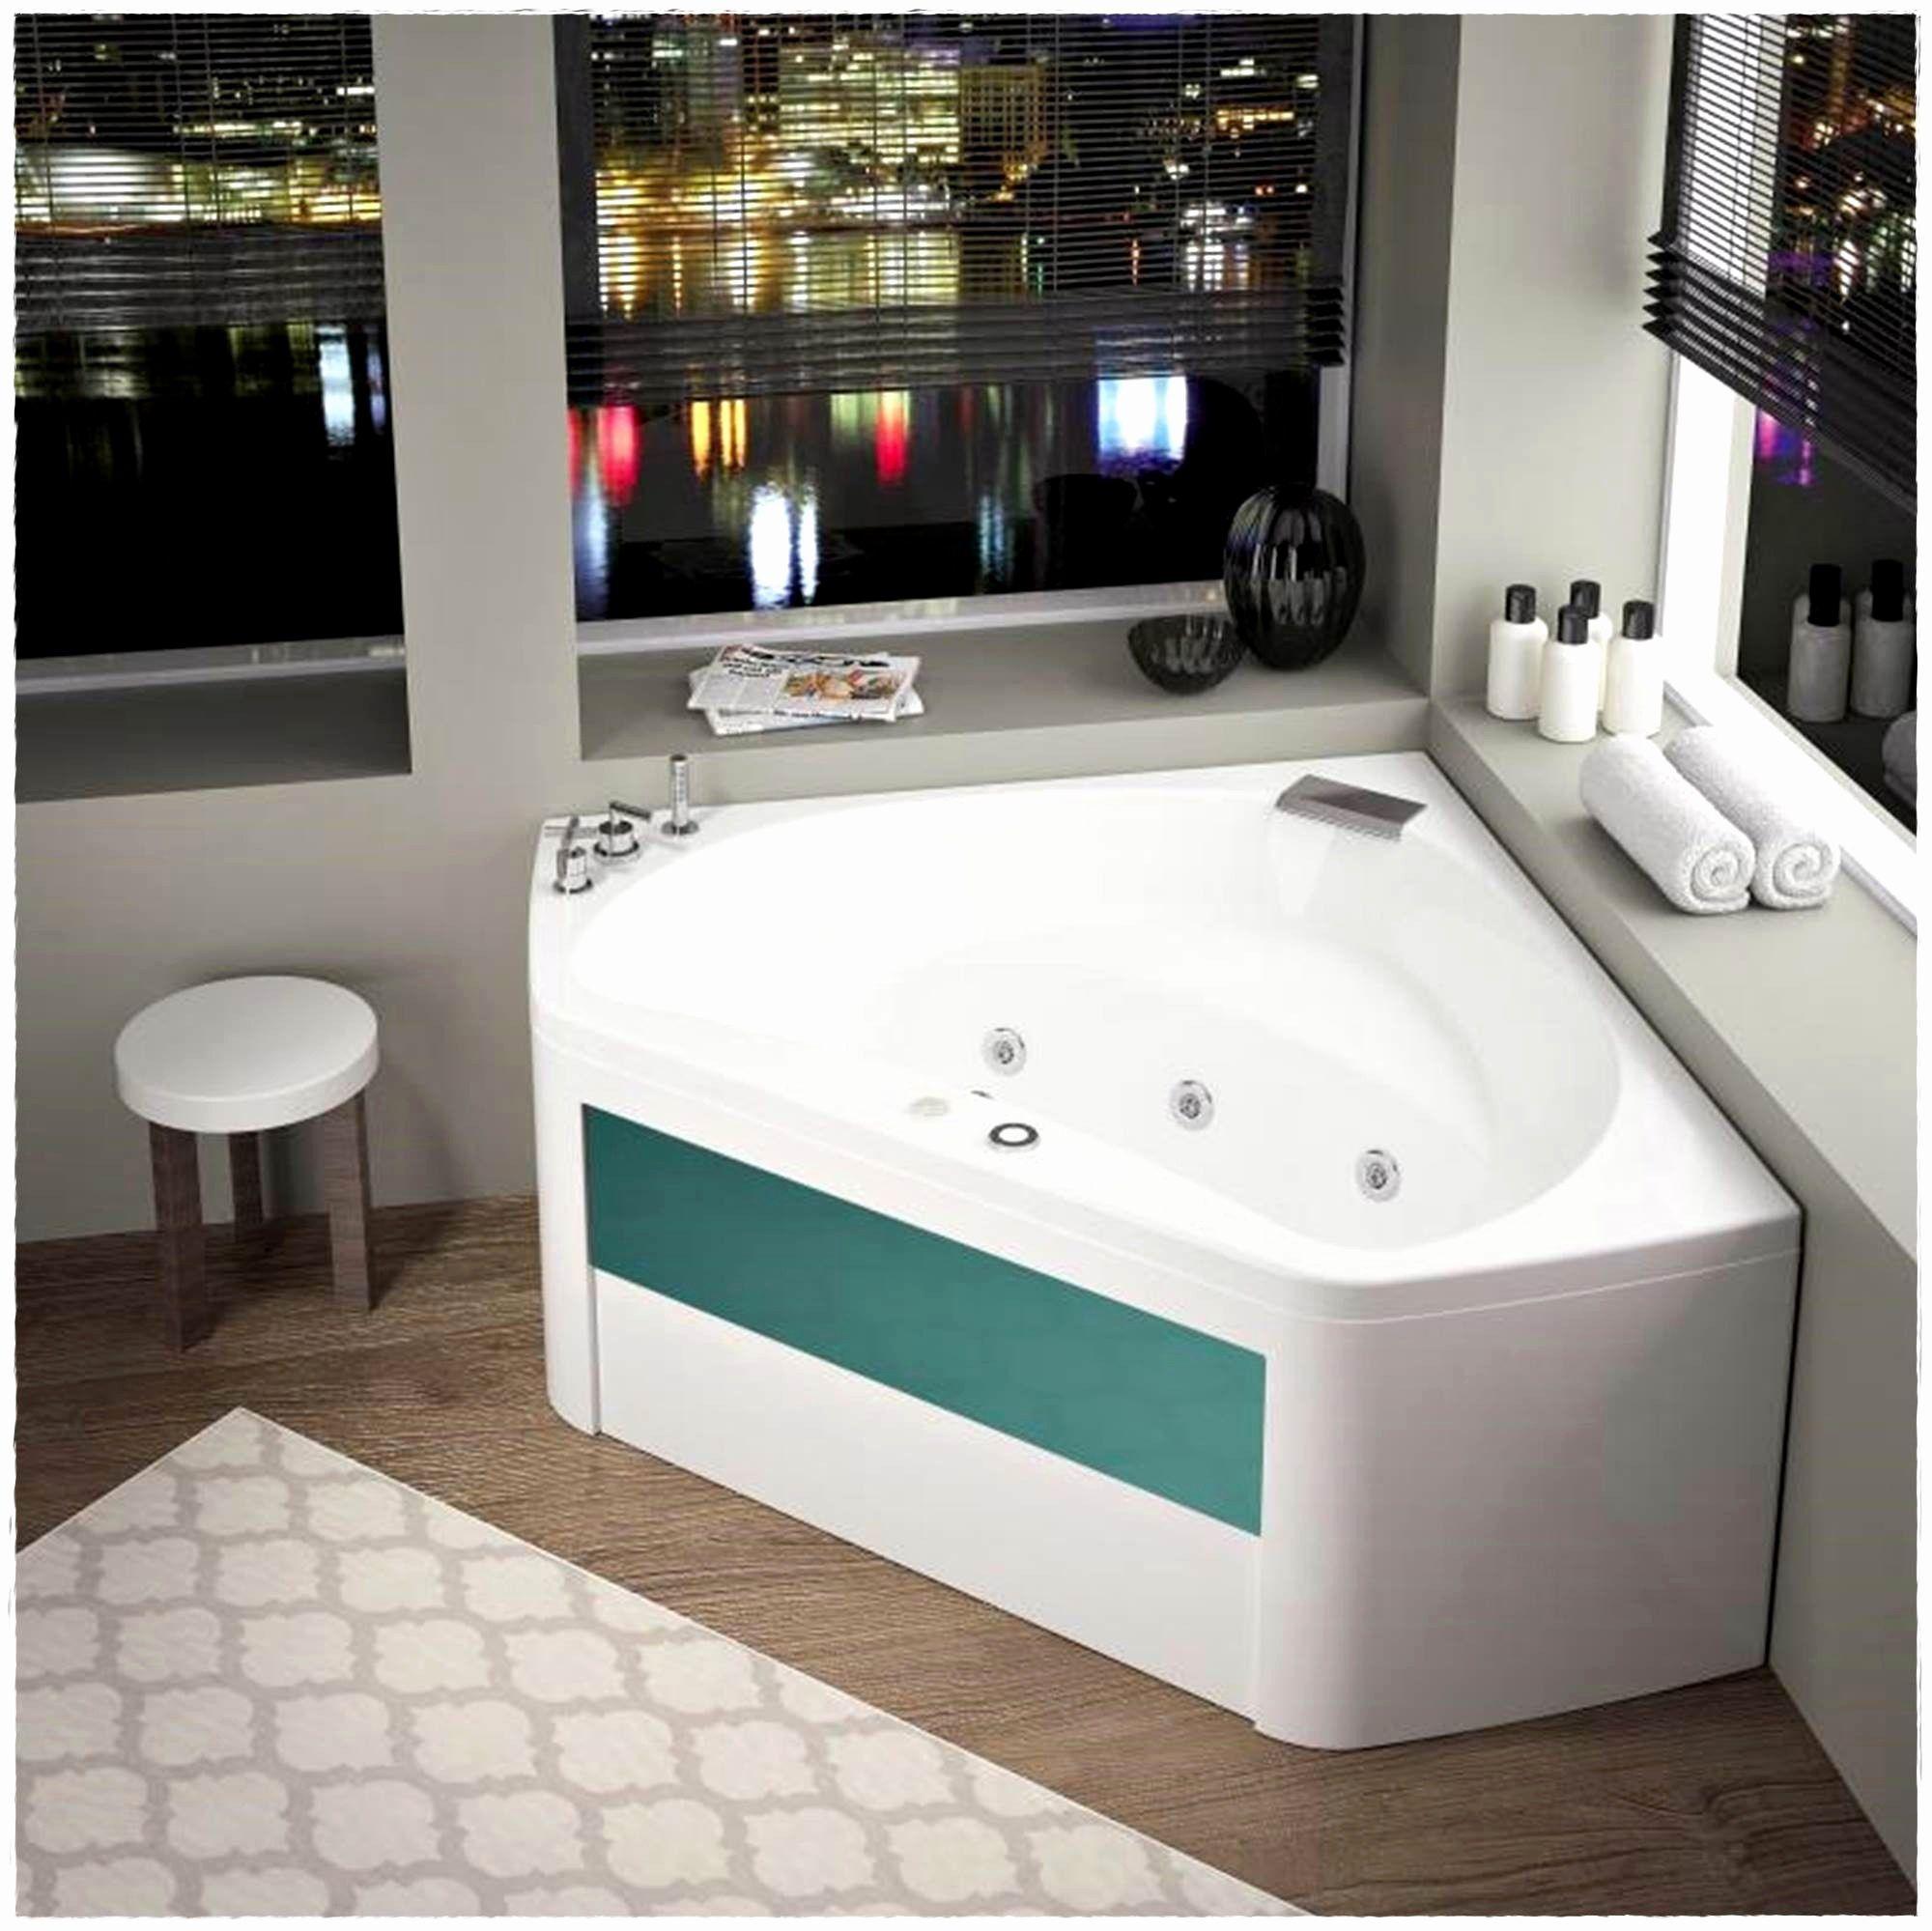 Baignoire D Angle 130x130 Baignoire D Angle 130x130 Baignoire D Angle L 130x L 130 Cm Blanc Sensea Access Baignoire D An Baby Bath Tub Bathtub Corner Bathtub